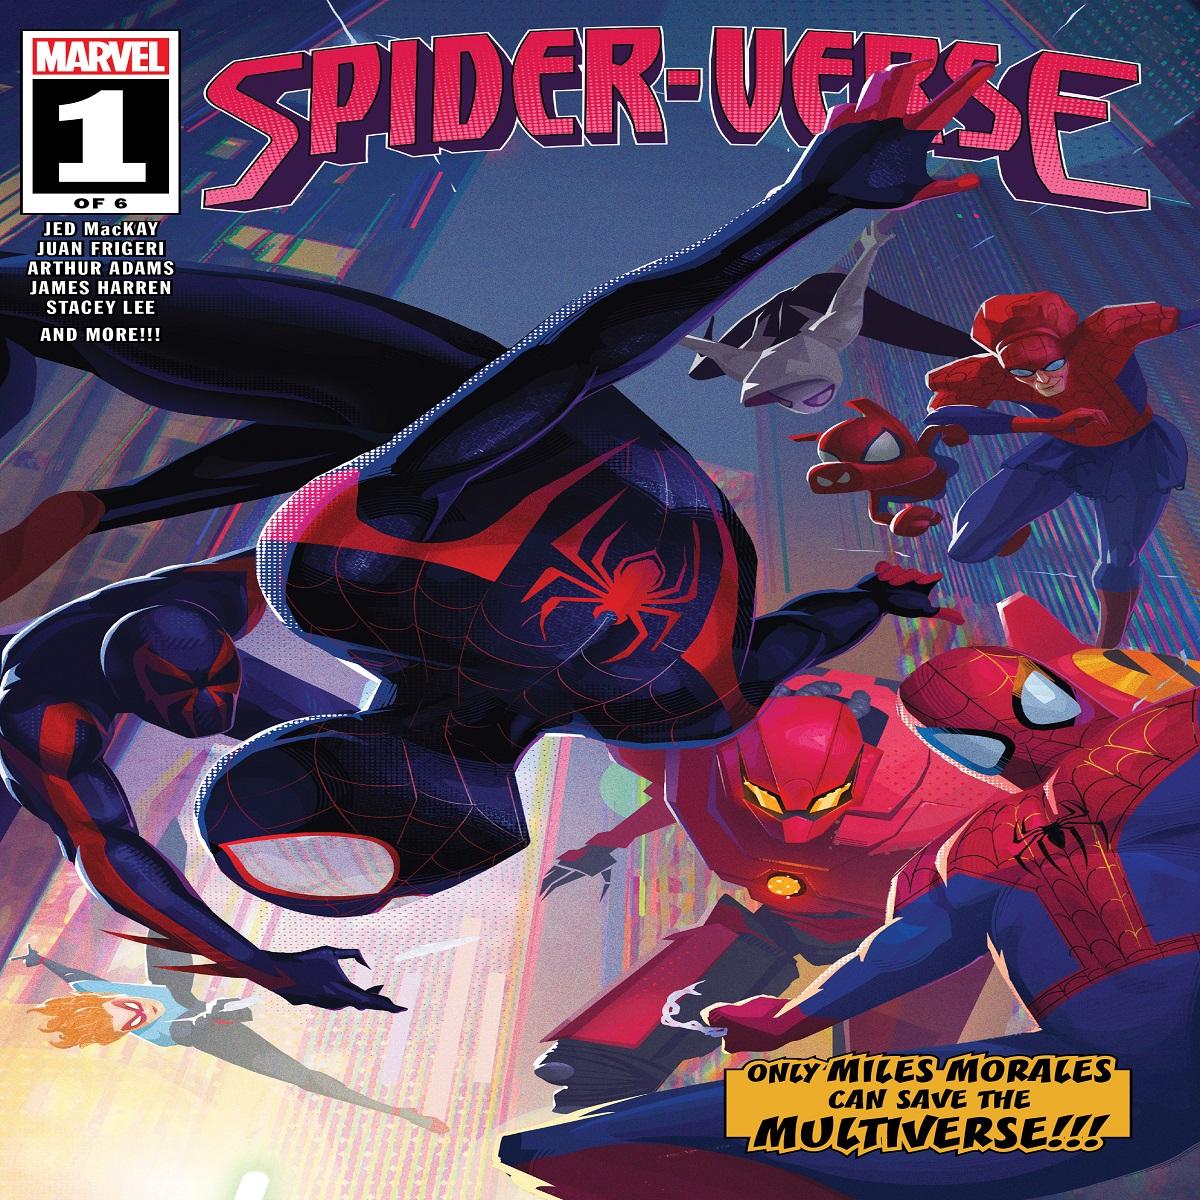 مجله SPIDER - VERSE 1 فوریه 2020